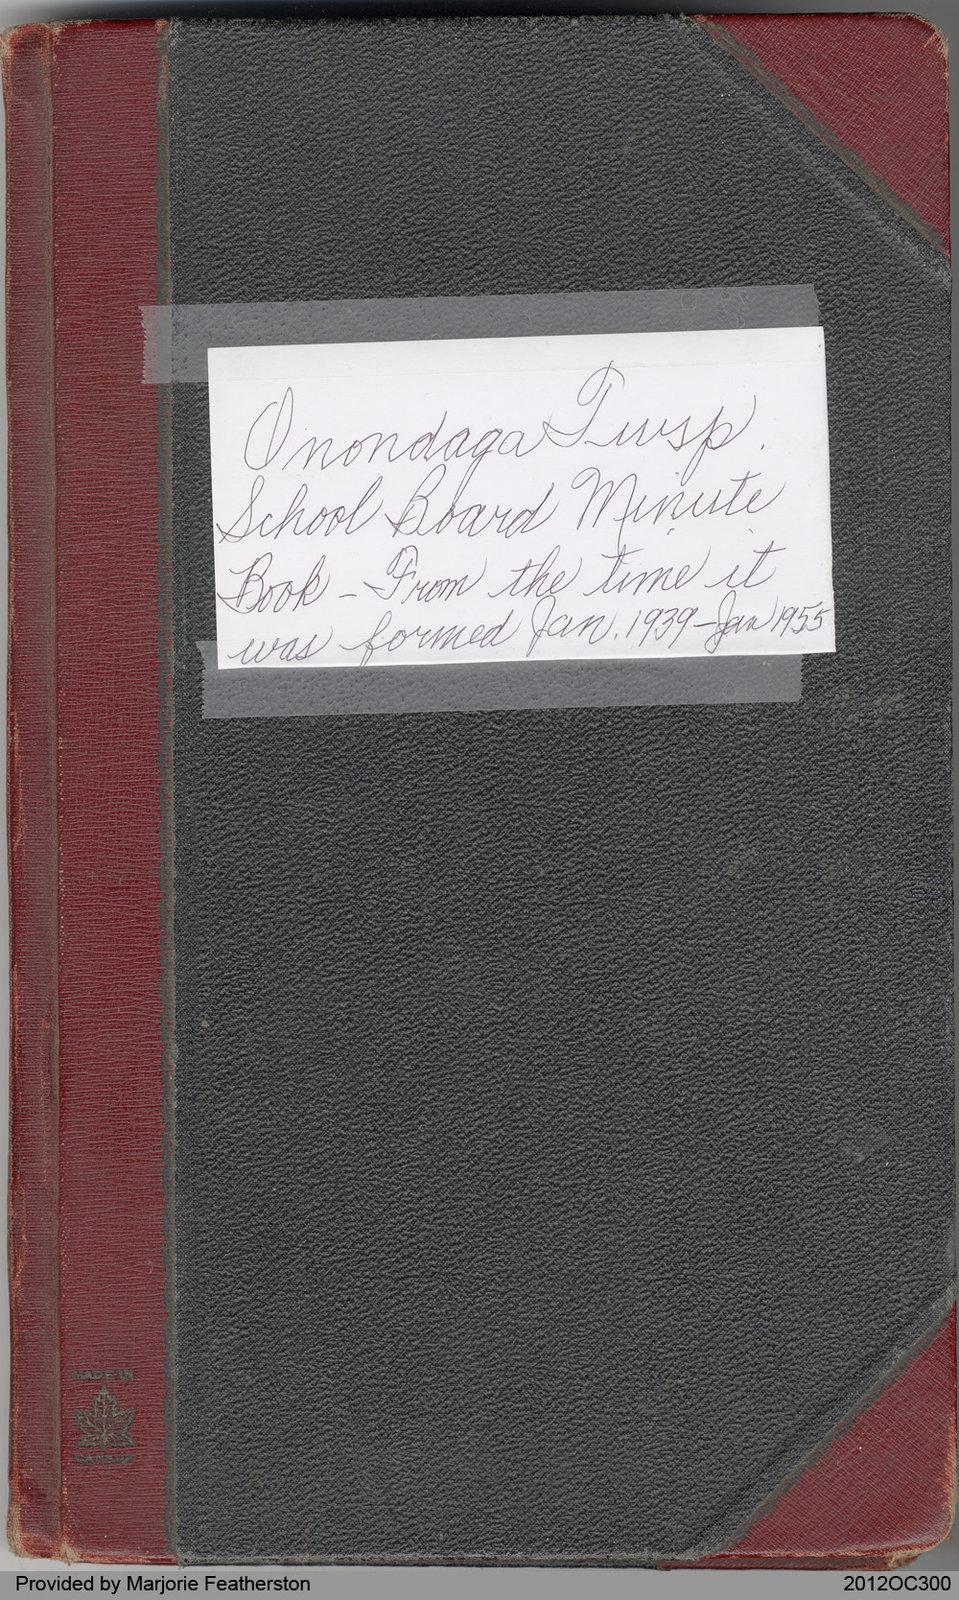 Onondaga Township School Board Minute Book